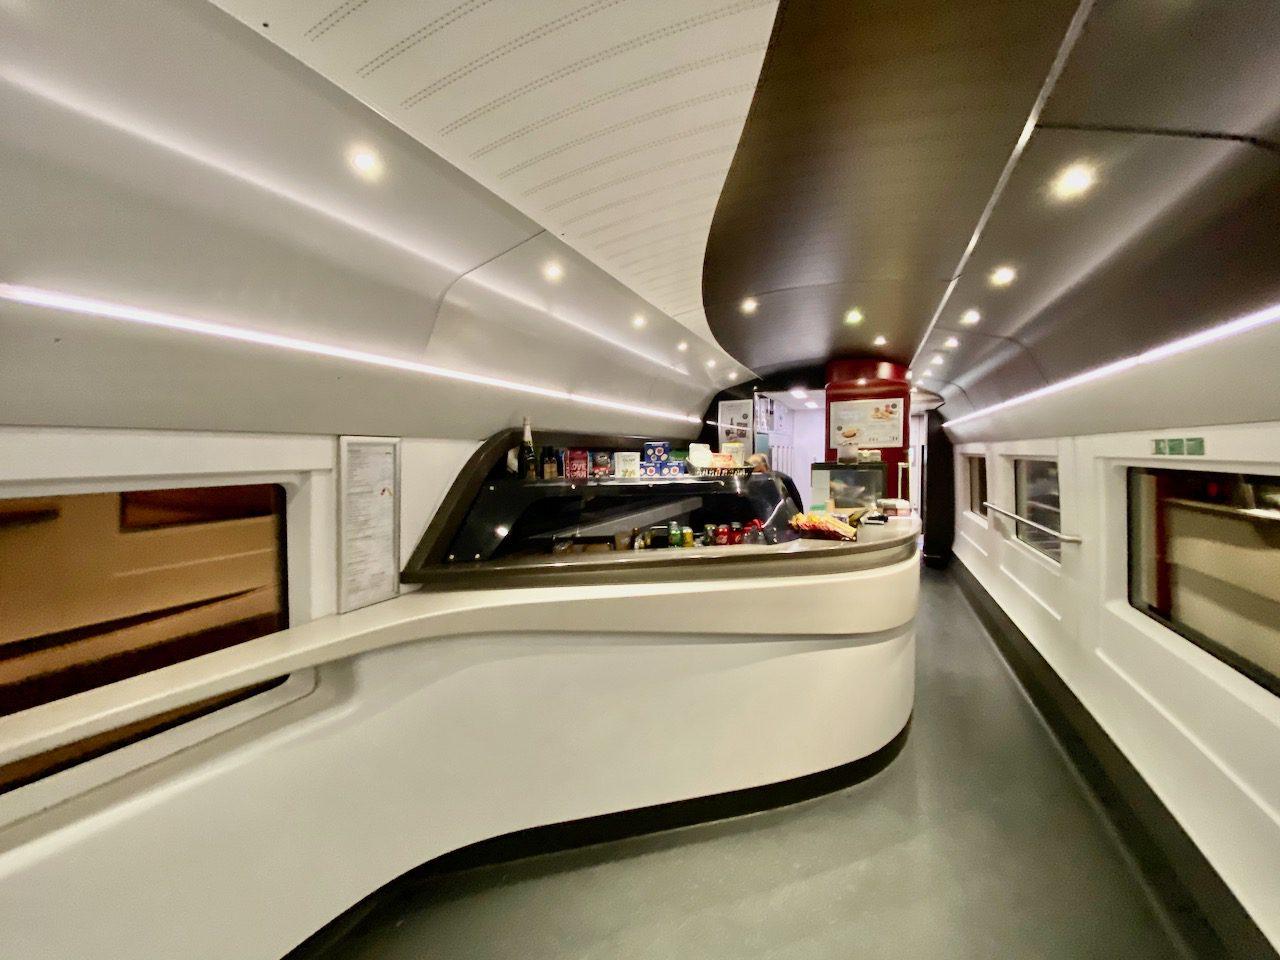 O ultra-moderno novo vagão restaurante do trem Paris Londres